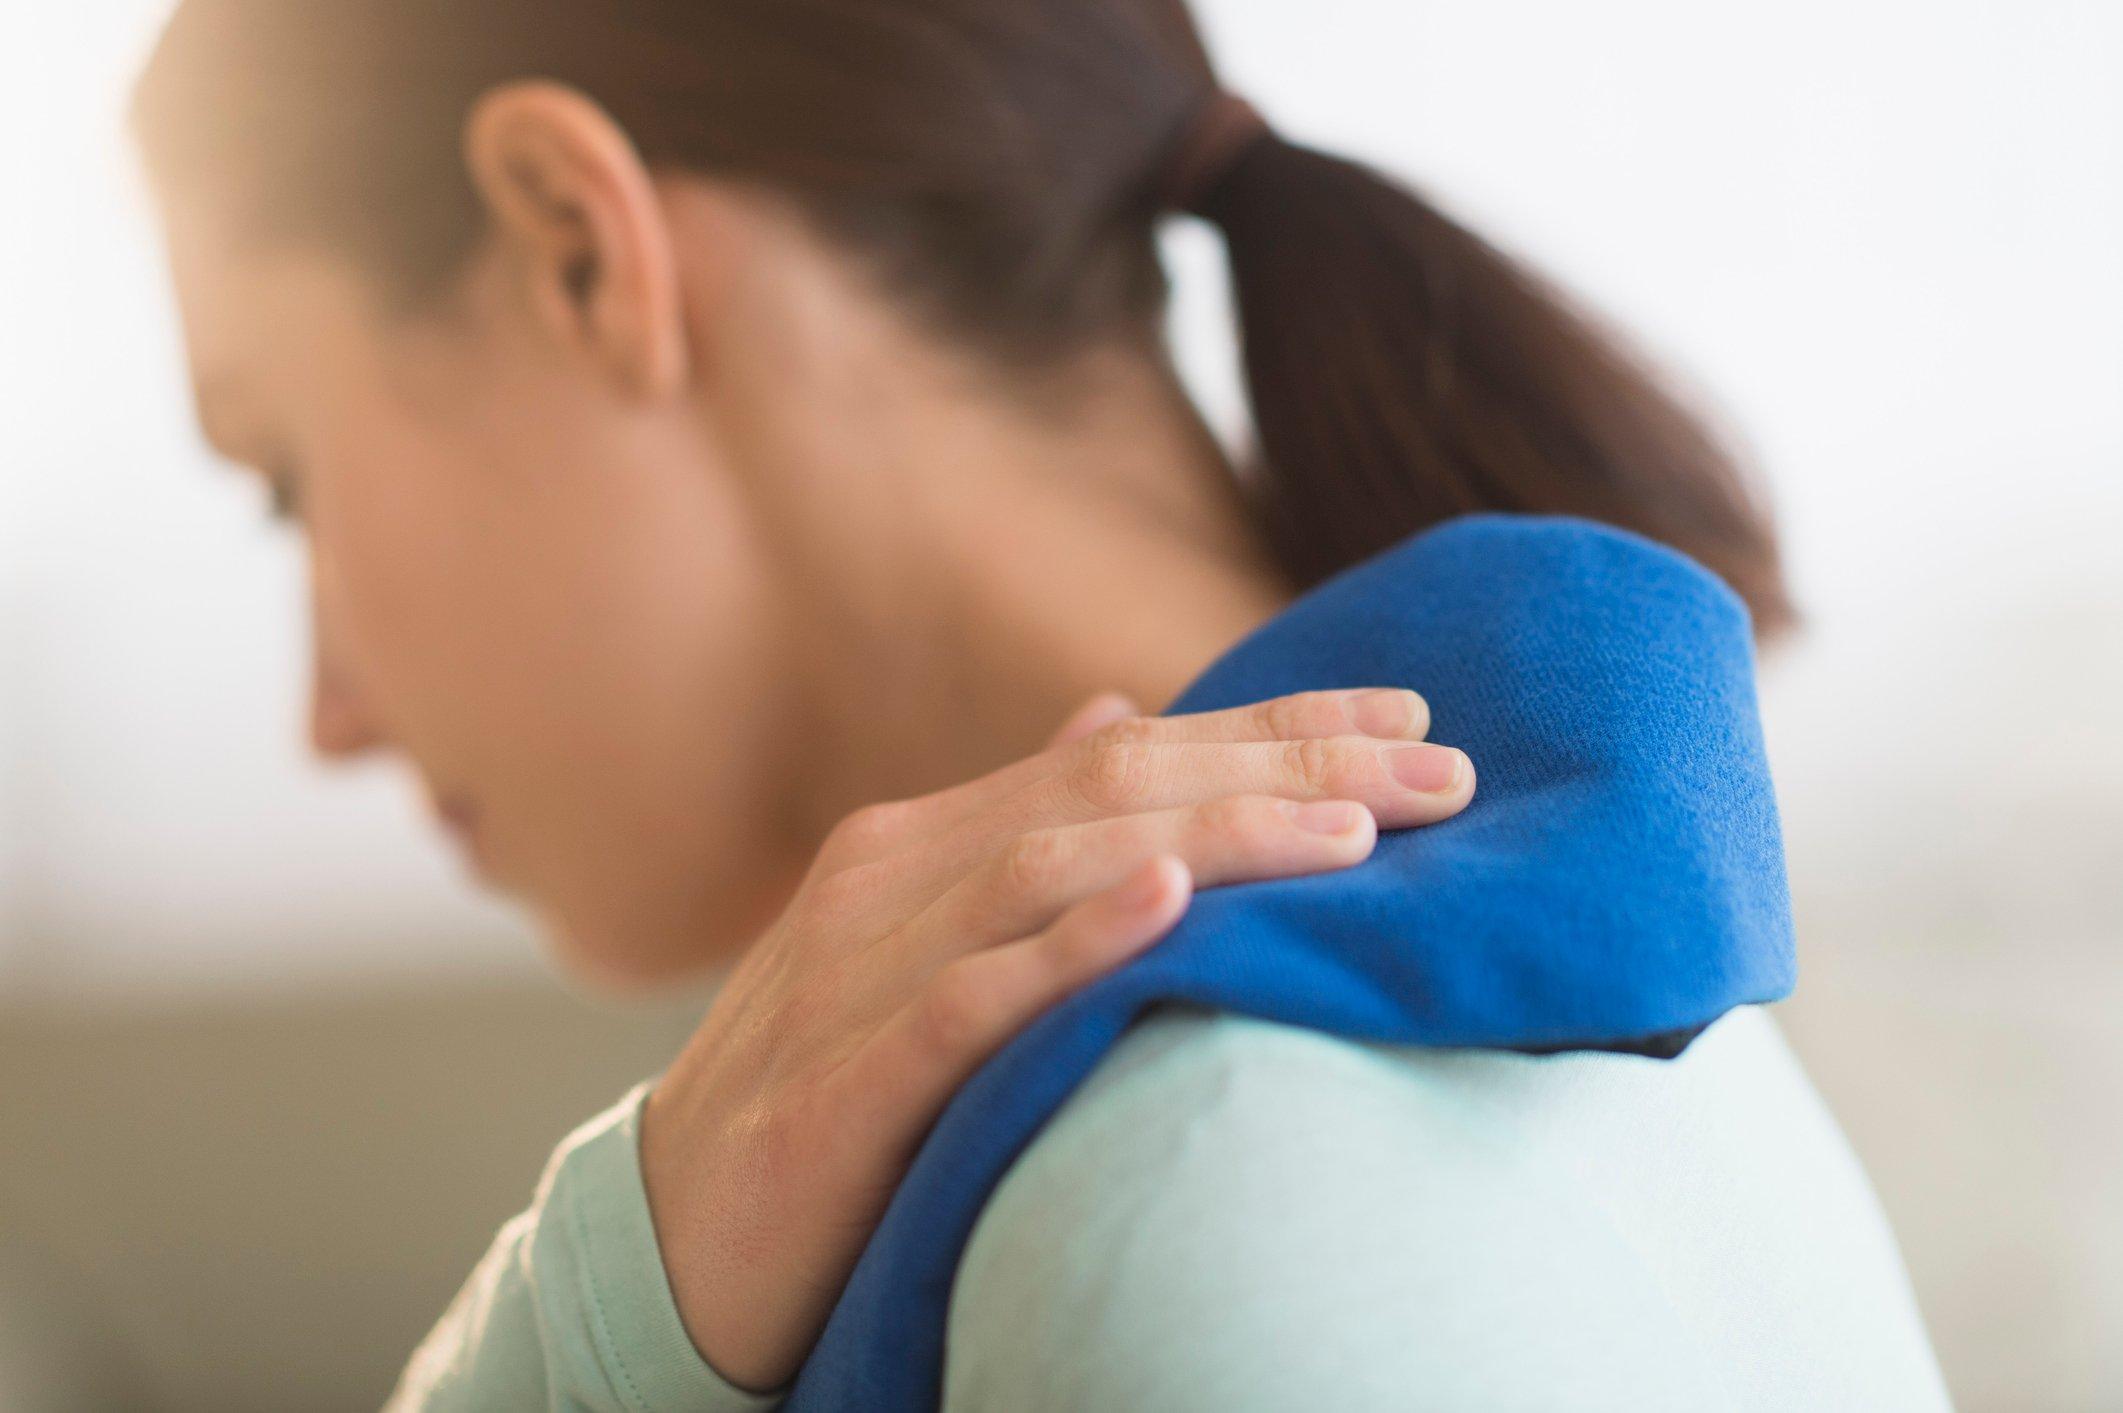 лікування болю у плечовому суглобі